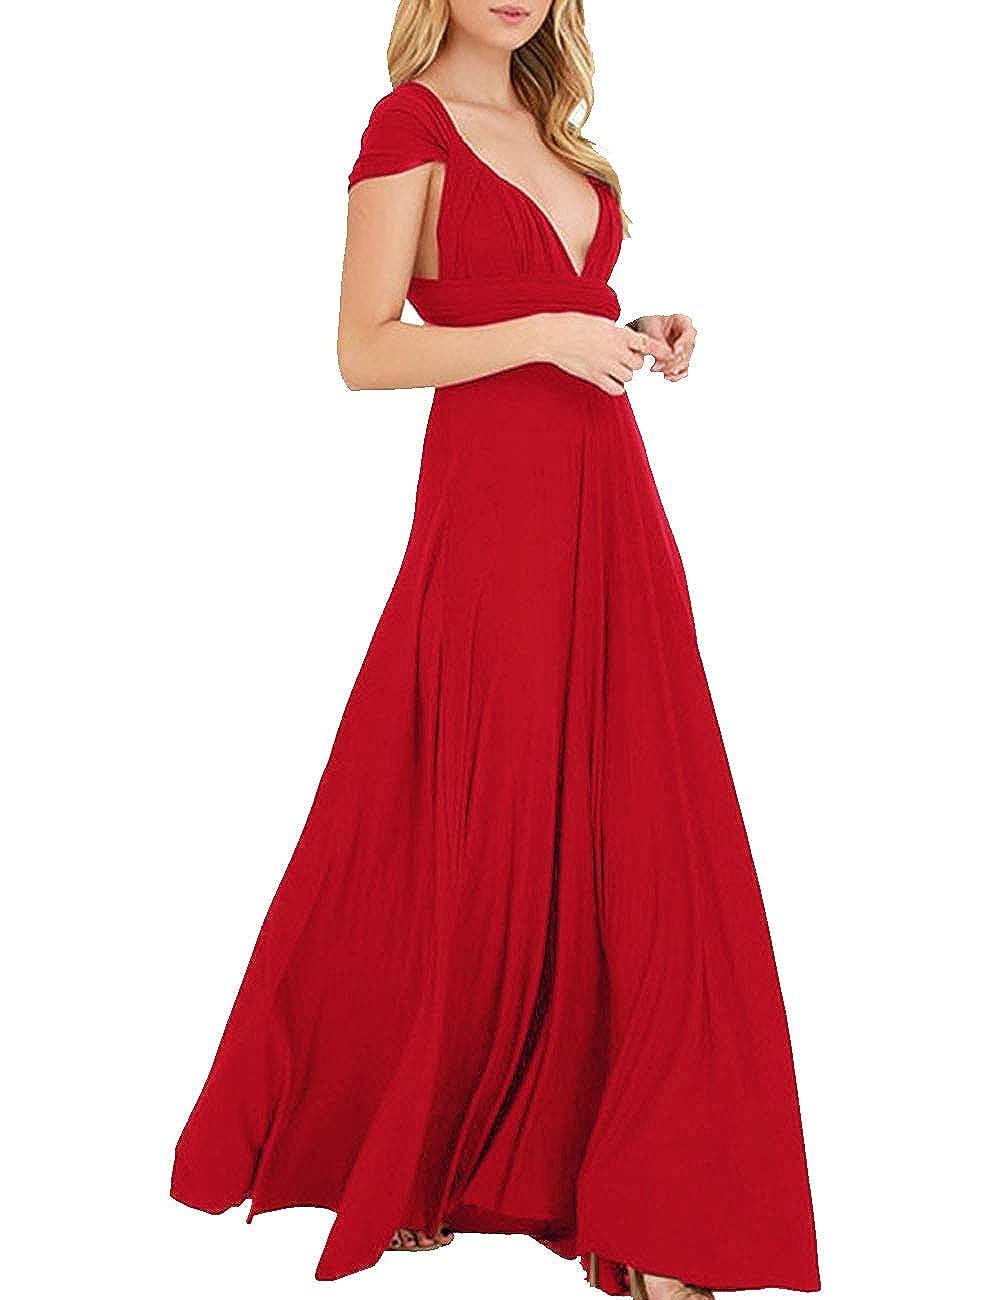 TALLA M. EMMA Mujeres Falda Larga de Cóctel Vestido de Noche Dama de Honor Elegante sin Respaldo Rojo